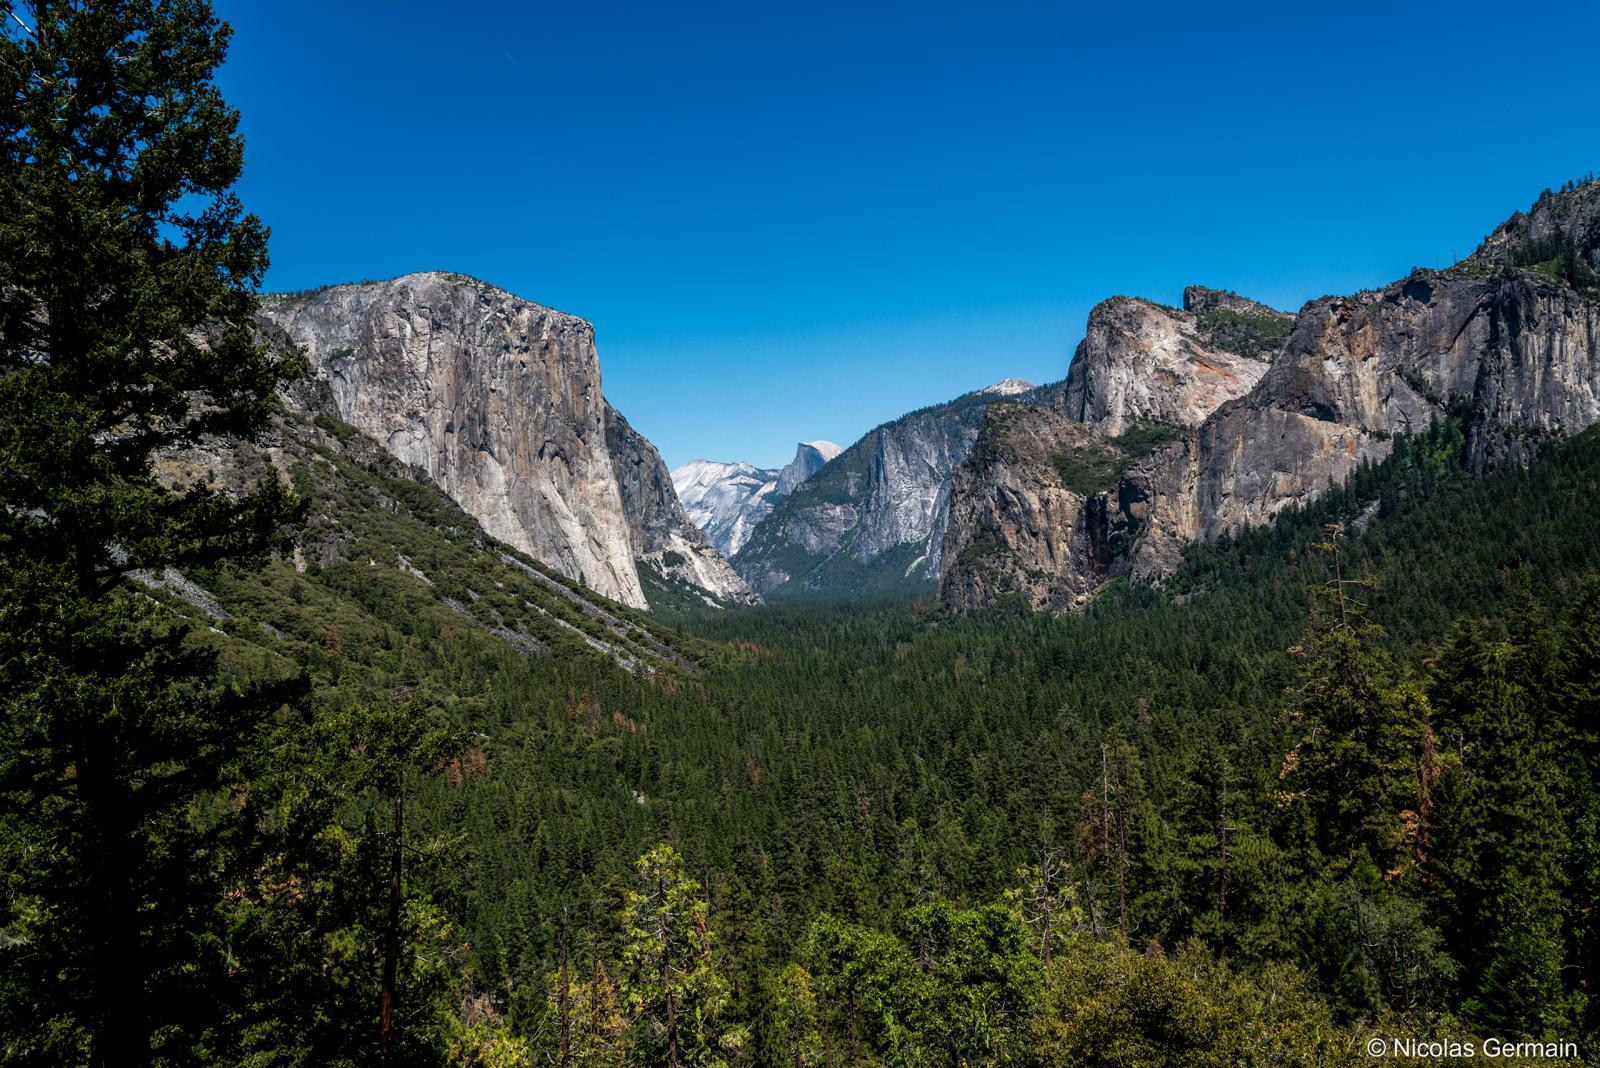 El Capitan et le Half Dome dans le fond vus de Tunnel View, Yosemite National Park, Californie